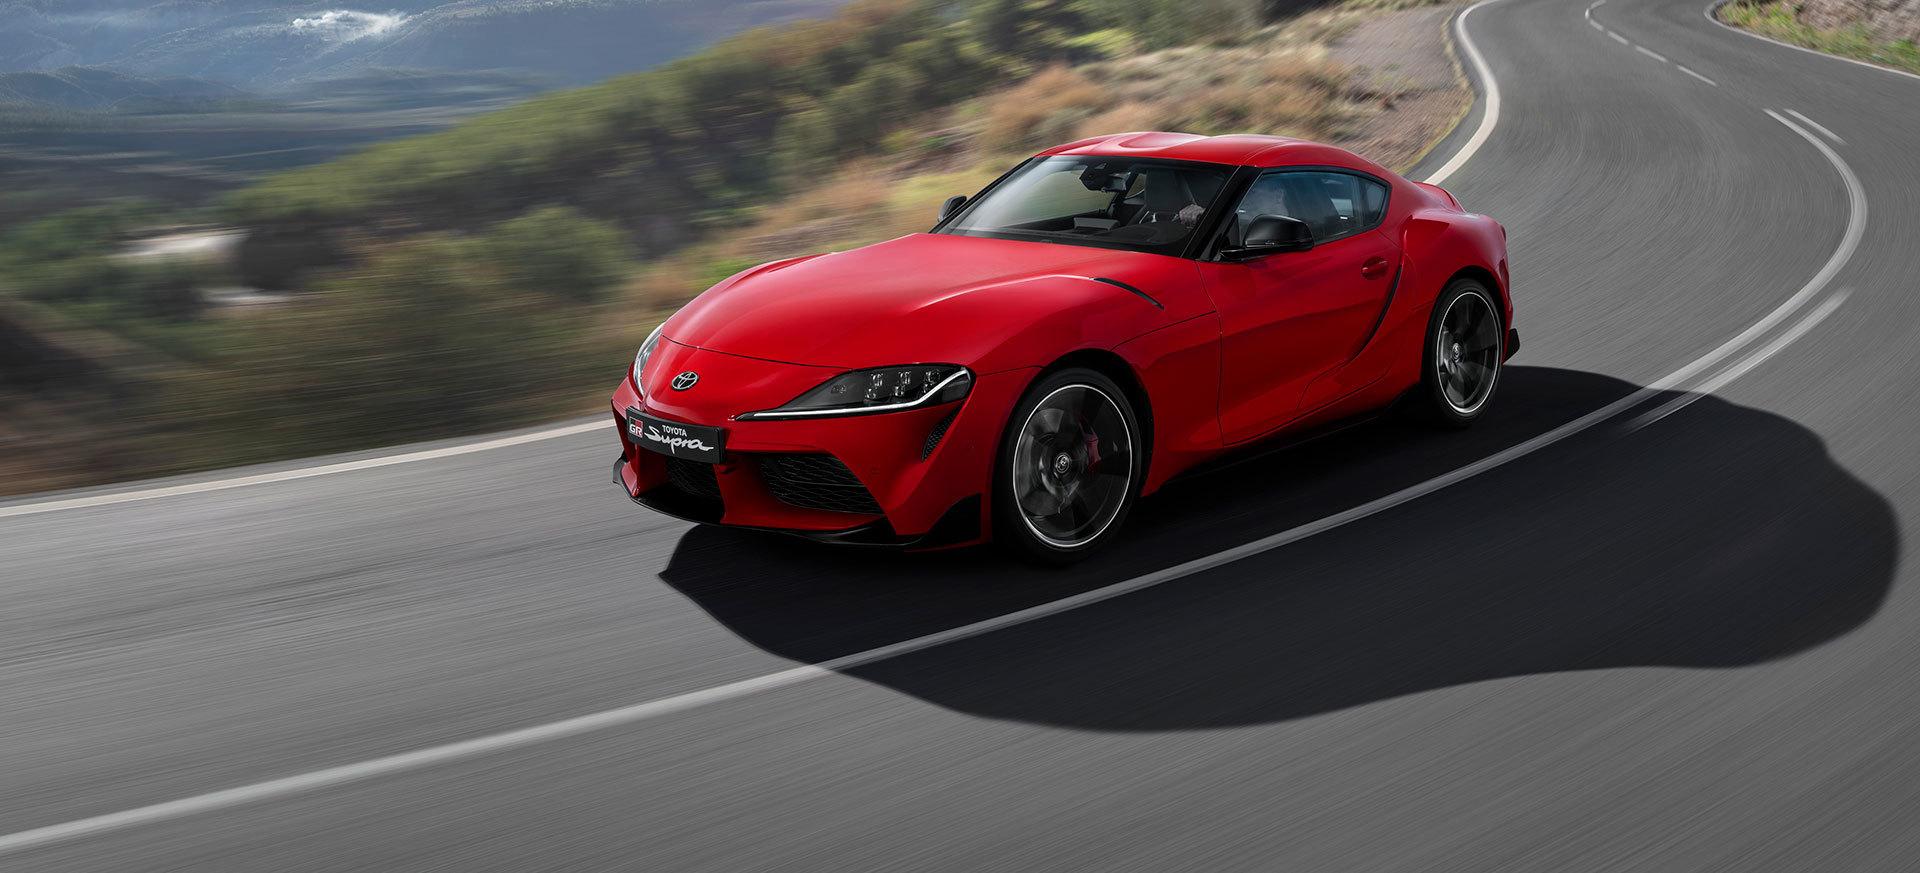 El Nuevo Toyota GR Supra Ya Tiene Precio: 69.900 Euros (o